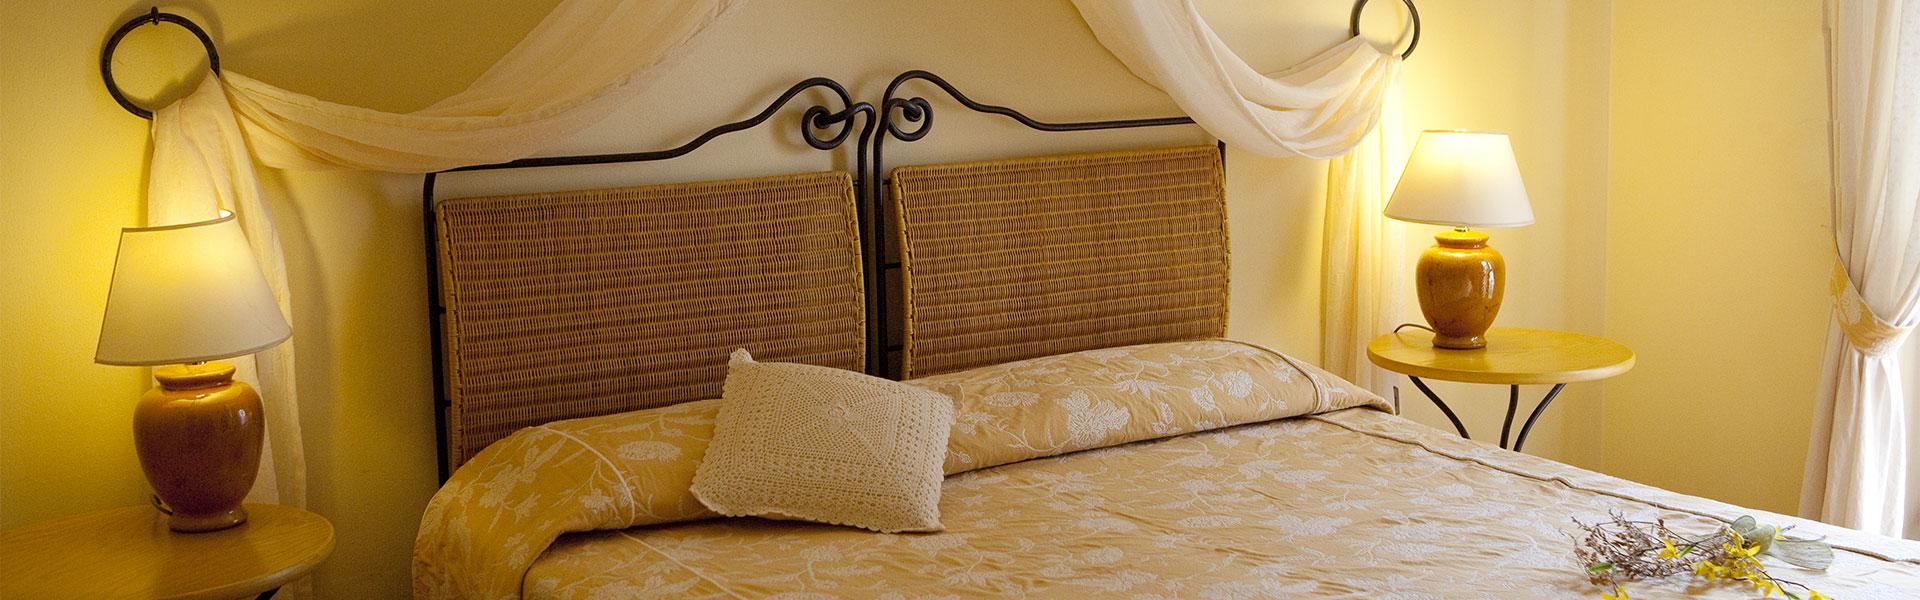 Camere Hotel Gallo Nero